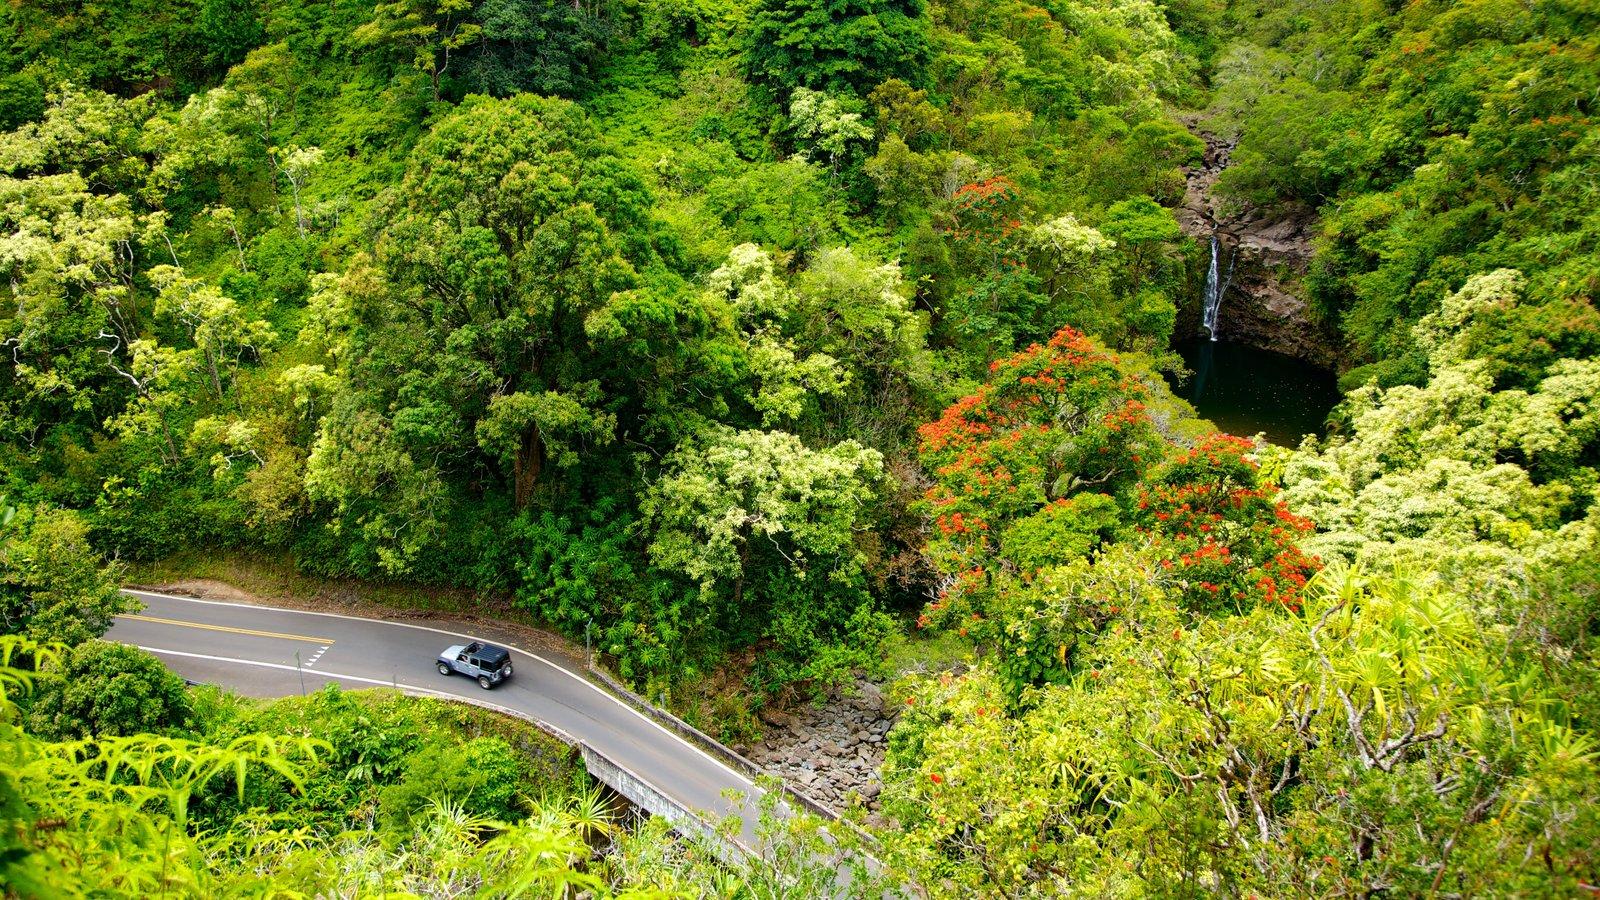 Maui caracterizando flores silvestres, montanhas e um jardim